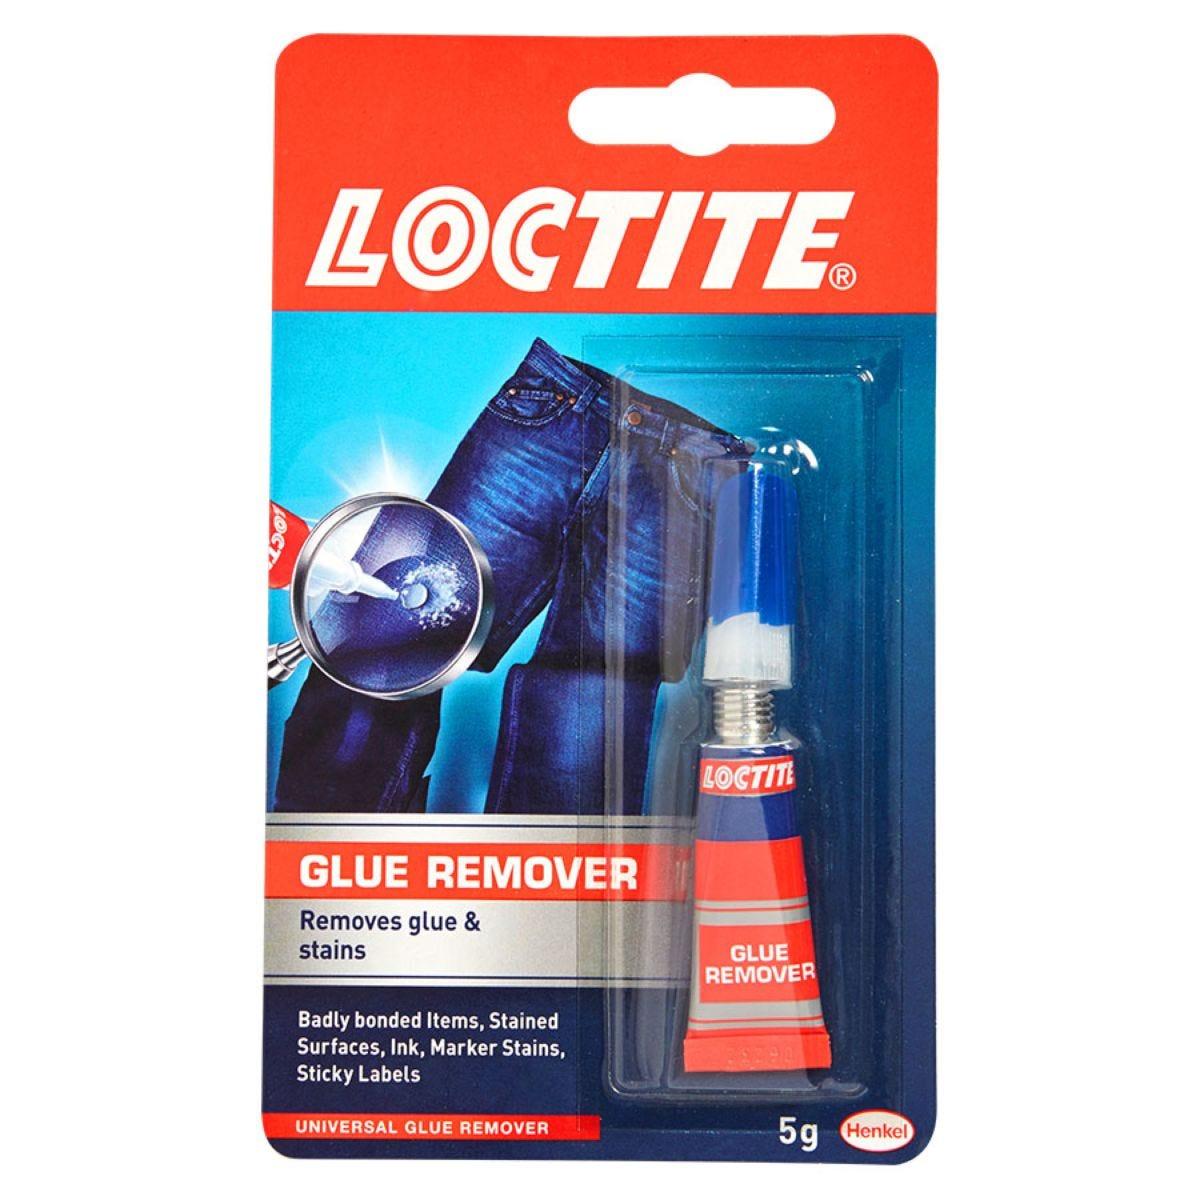 Loctite Glue Remover - 5g